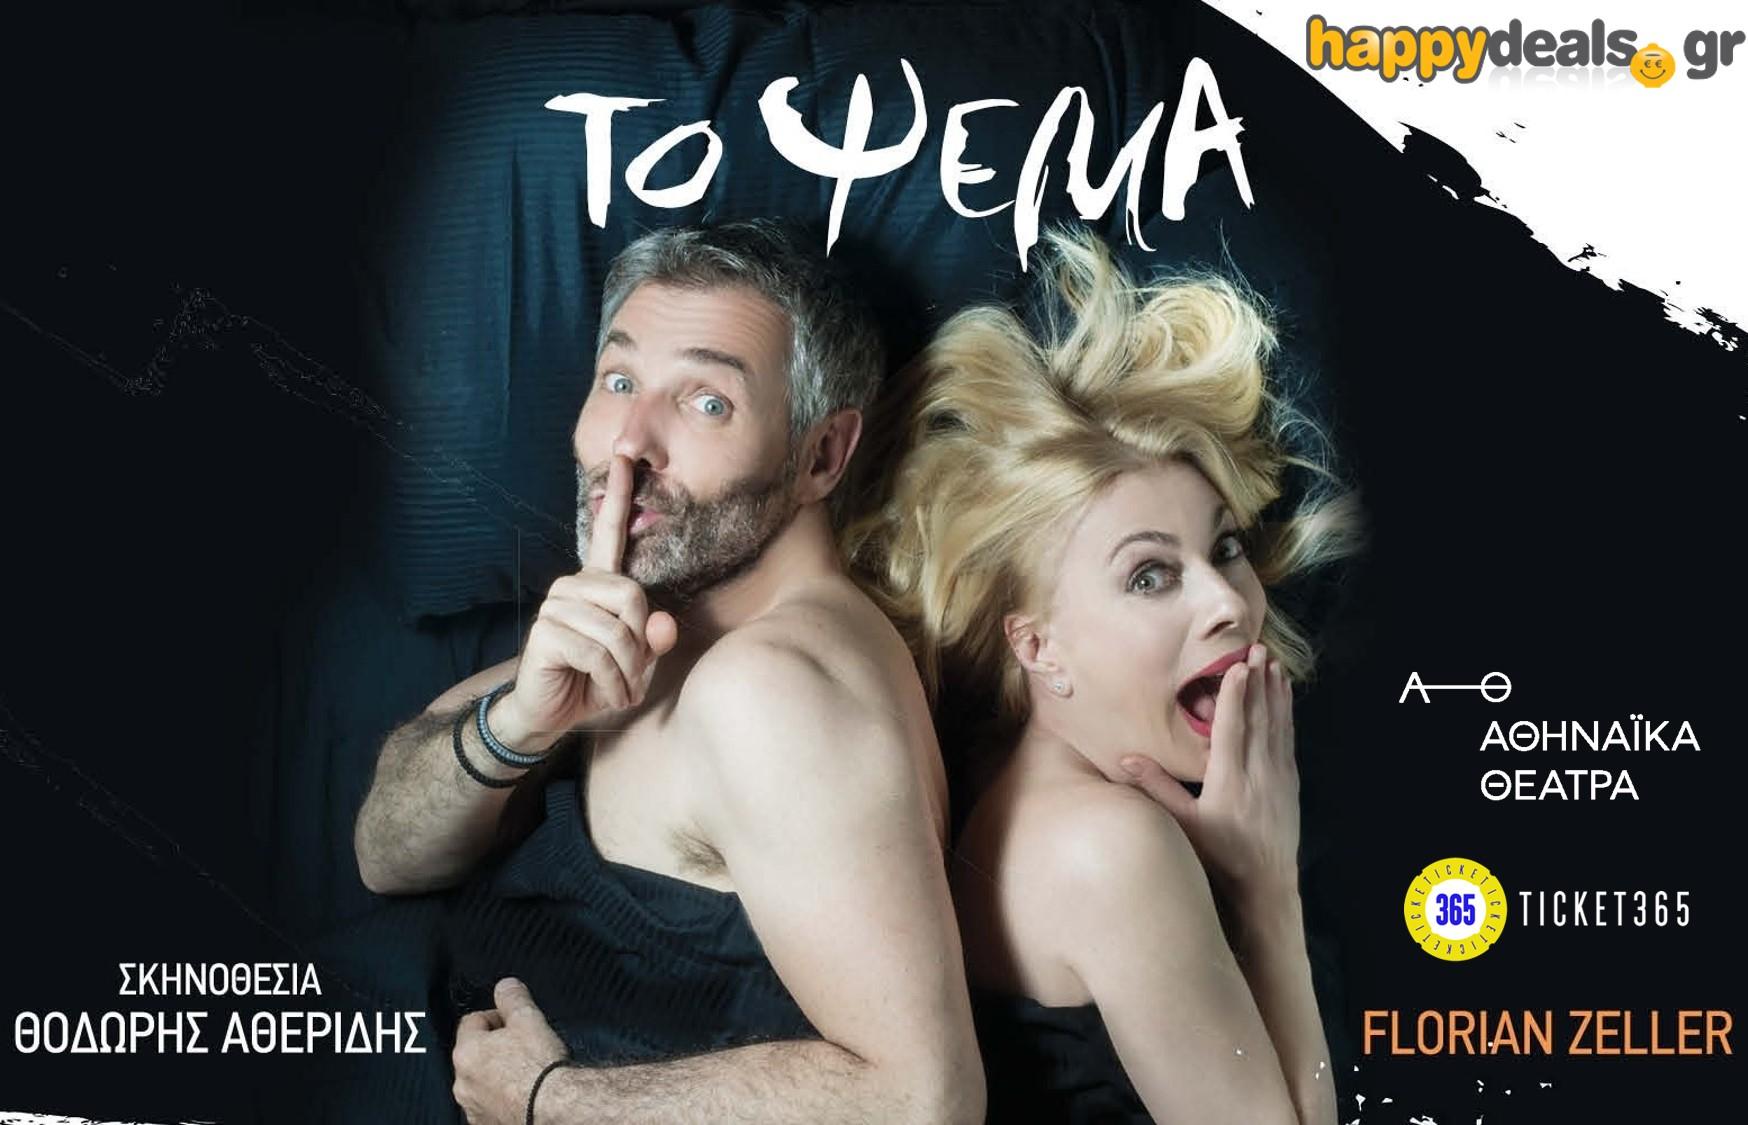 Από 10€ για είσοδο 1 ατόμου στην ιλιγγιώδη μοντέρνα κωμωδία ''Το Ψέμα'' του ταλαντούχου Florian Zeller, του τρομερού παιδιού του γαλλικού θεάτρου, για 2η χρονιά, στο Μικρό Παλλάς! Με τους Θ.Αθερίδη, Σ.Καρύδη, Μ.Αλικάκη & Κ.Κάππα